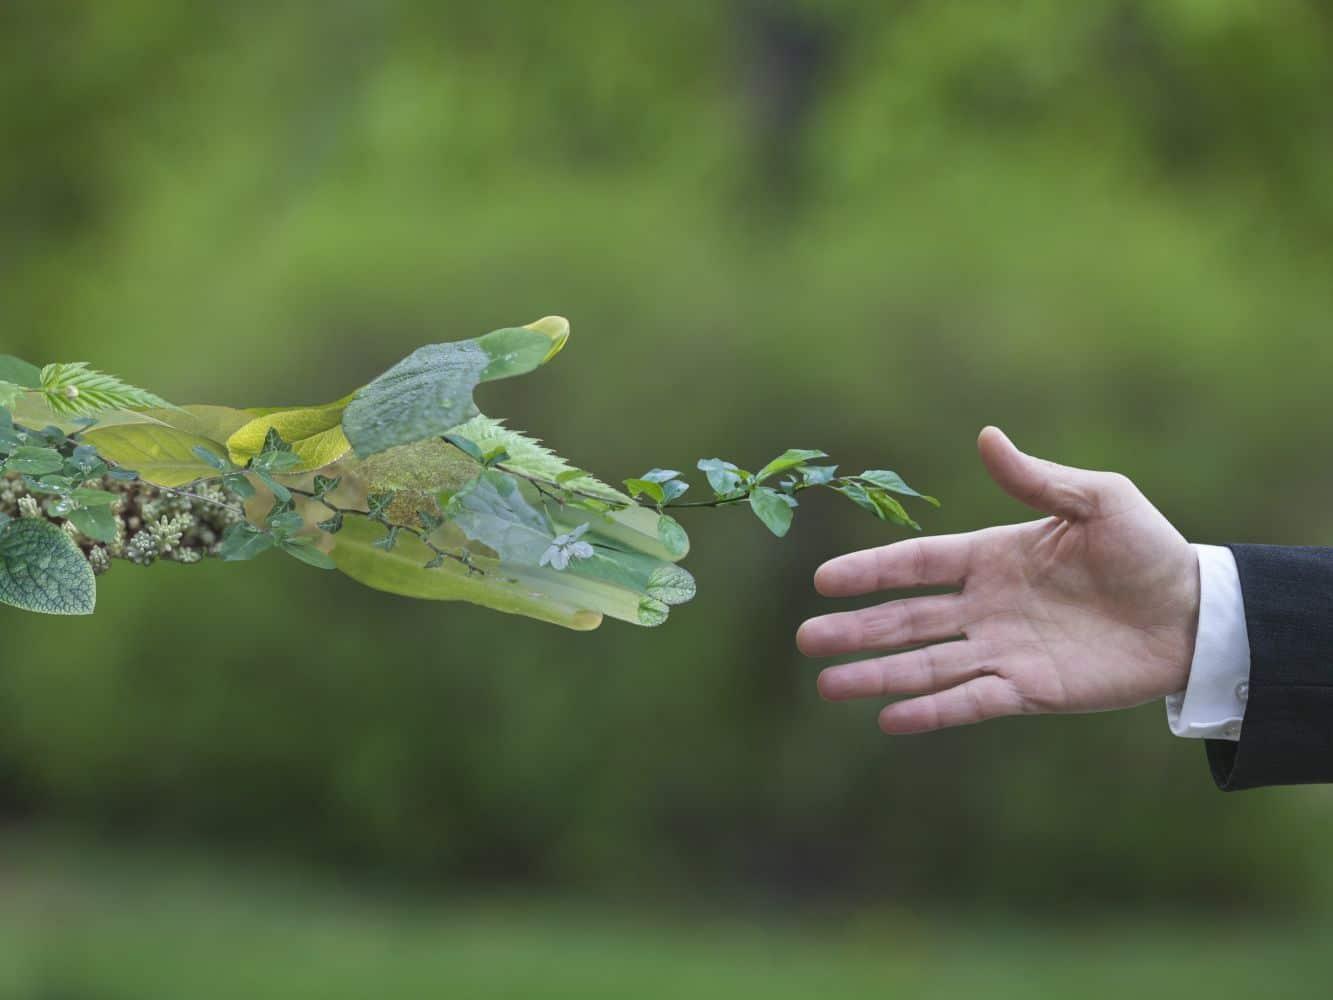 por qué es importante cuidar el medio ambiente